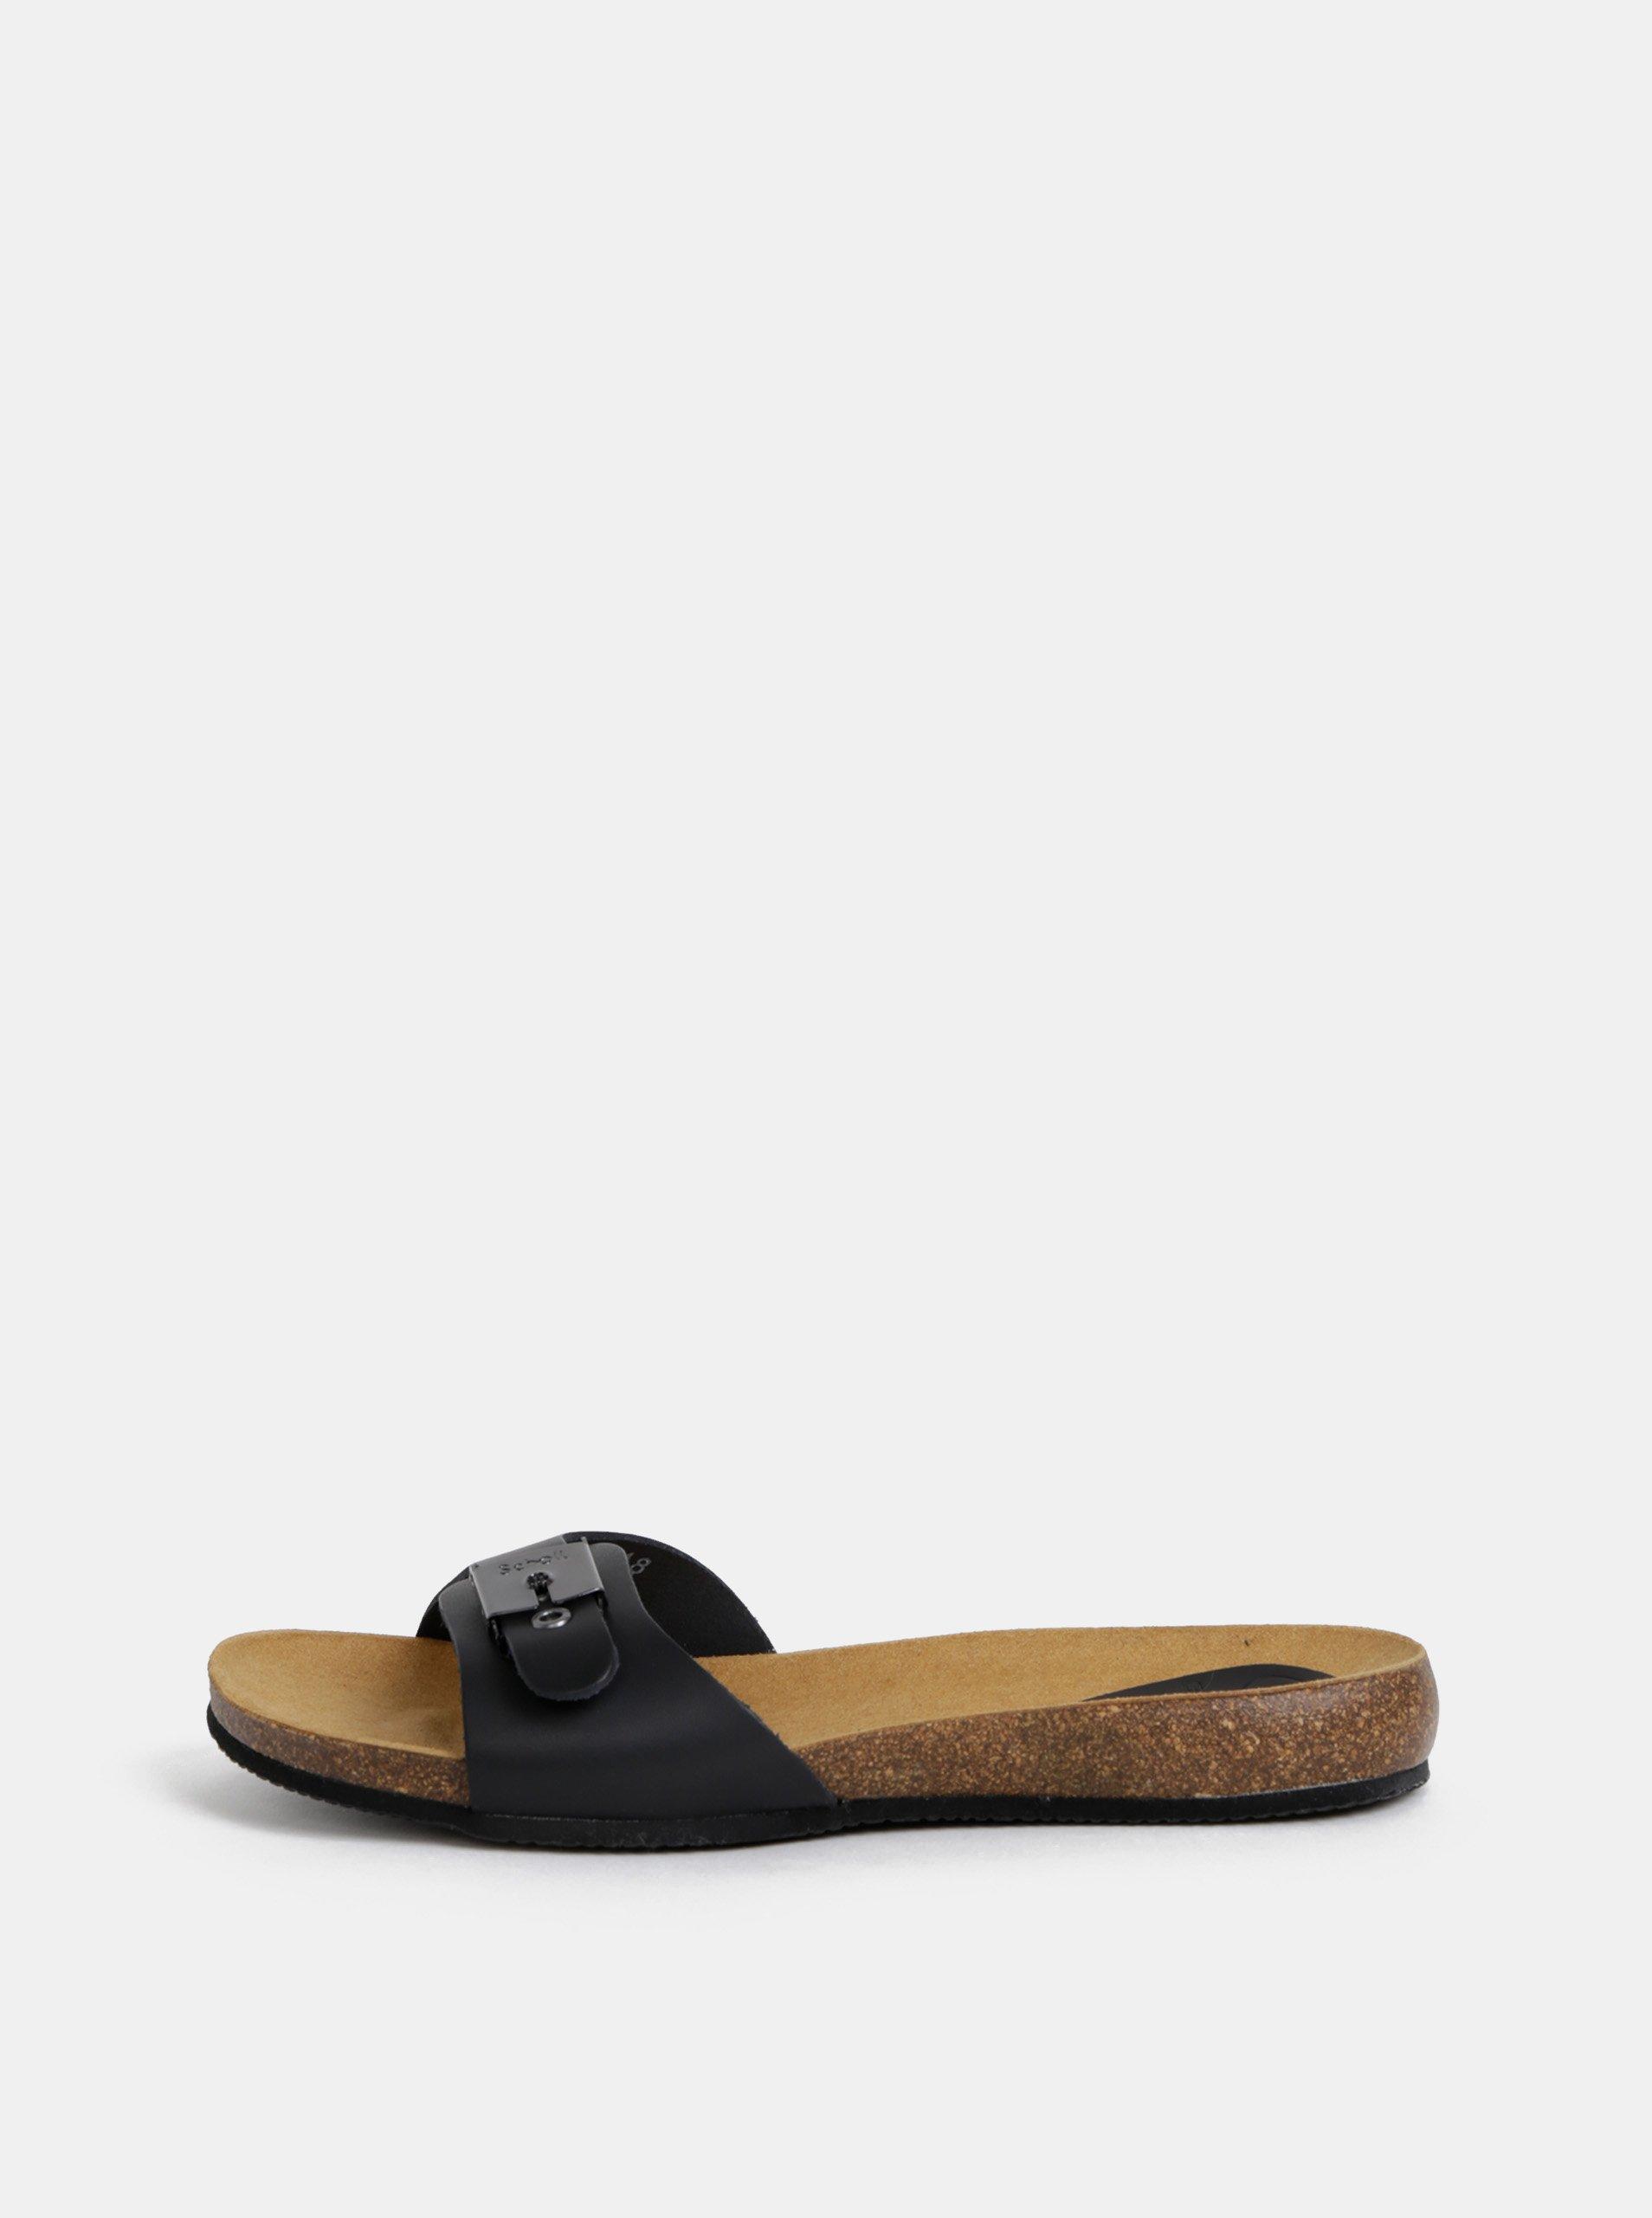 Černé dámské kožené pantofle Scholl Bahama Scholl